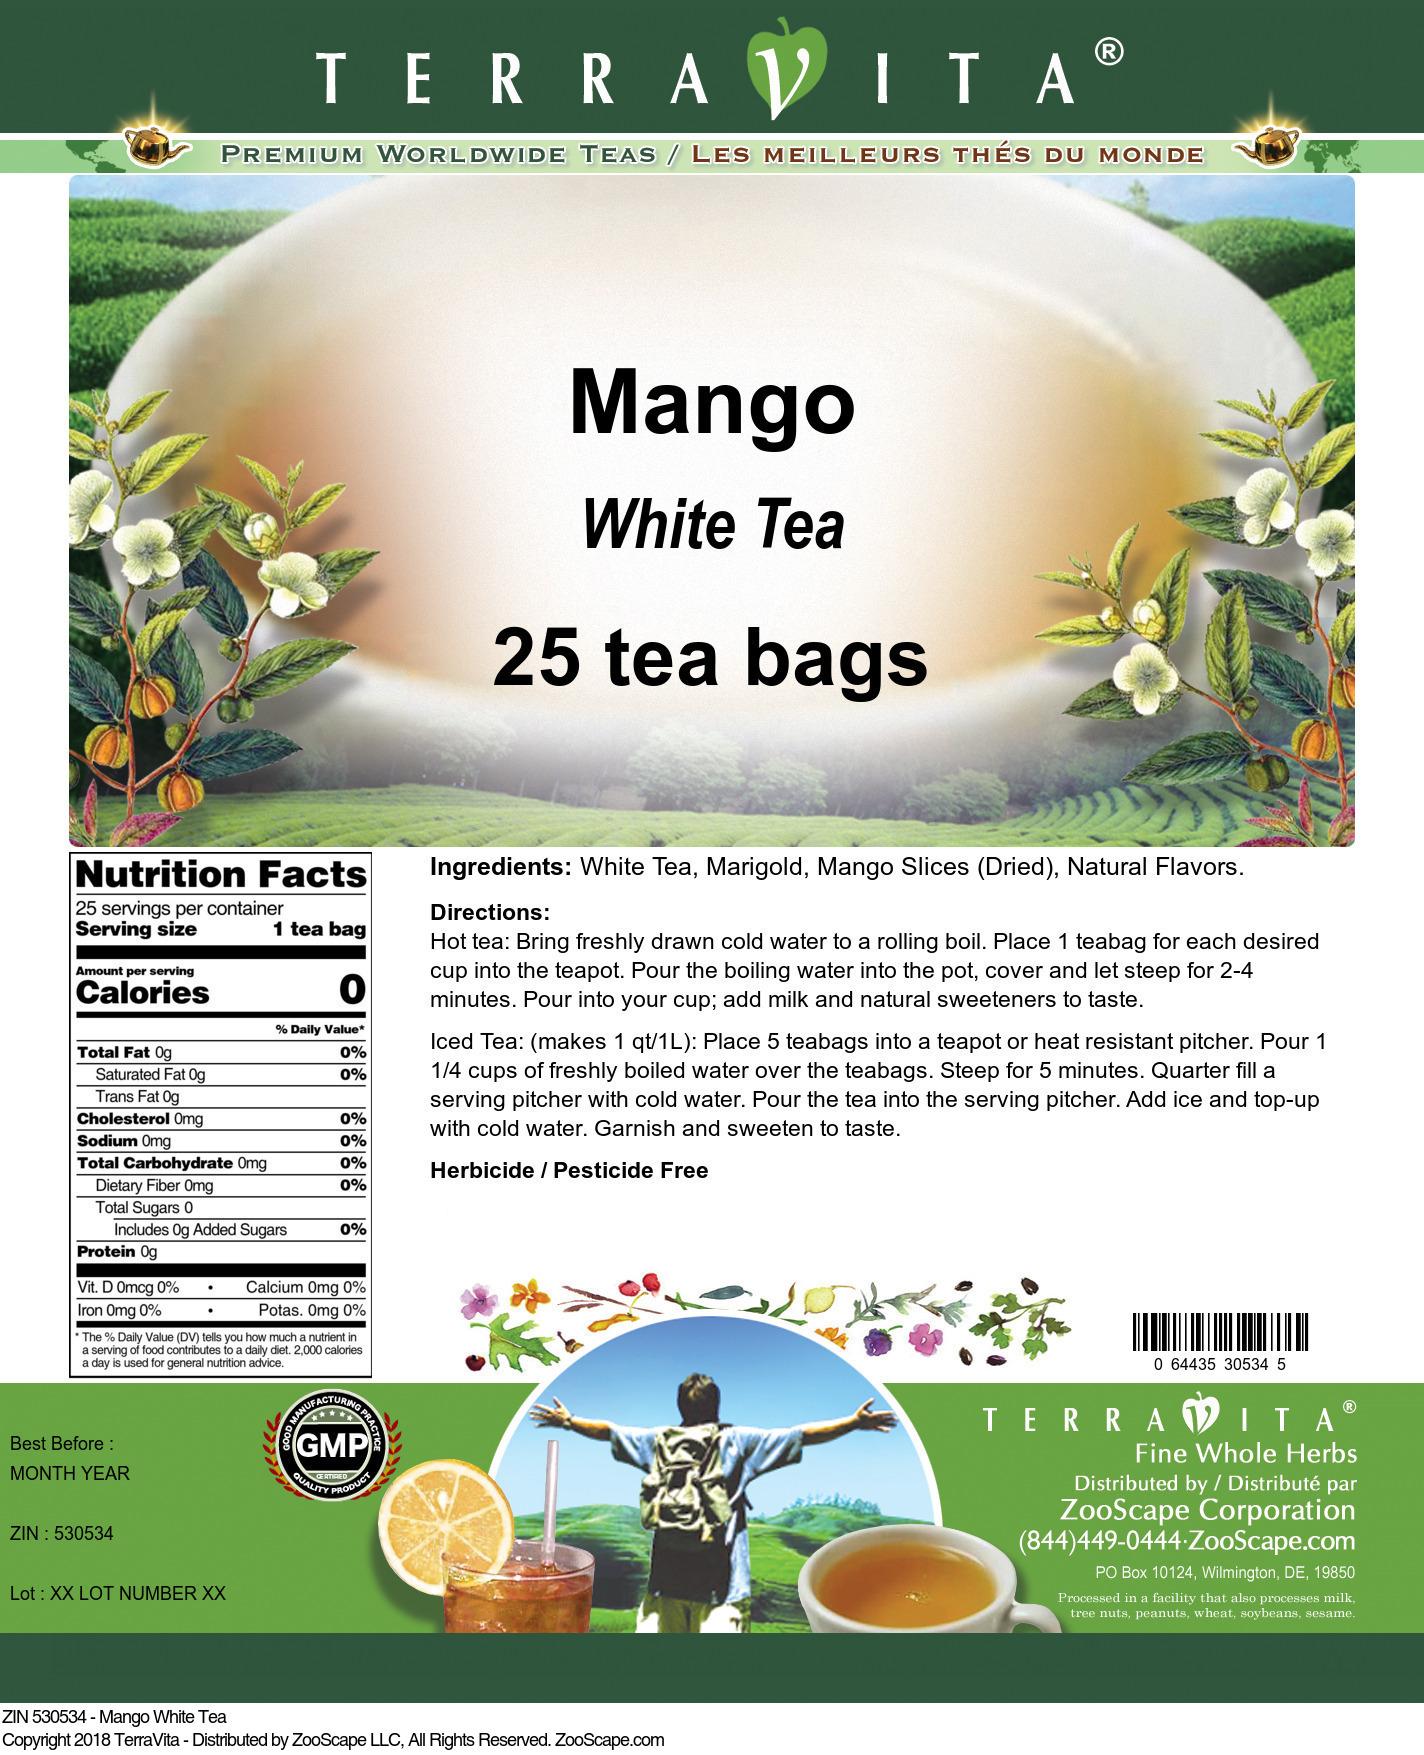 Mango White Tea